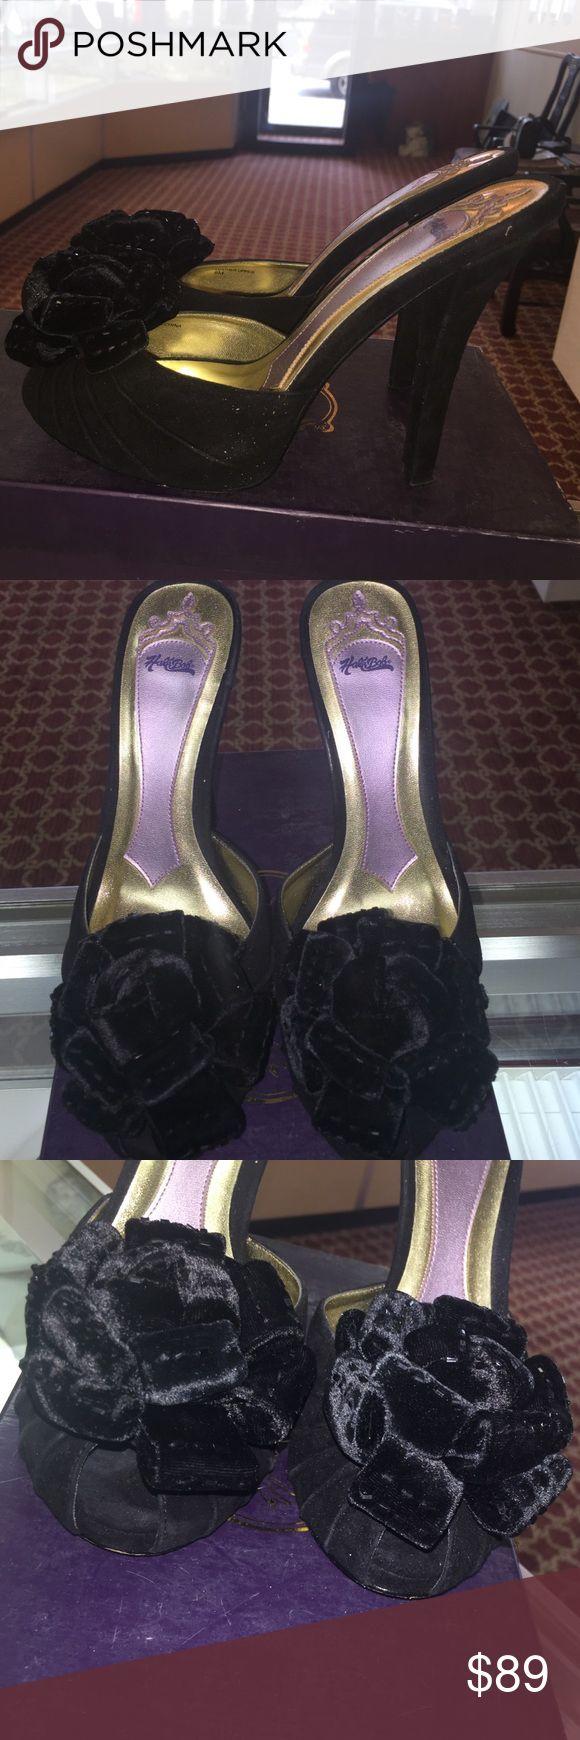 Cream Lace Toms Shoes